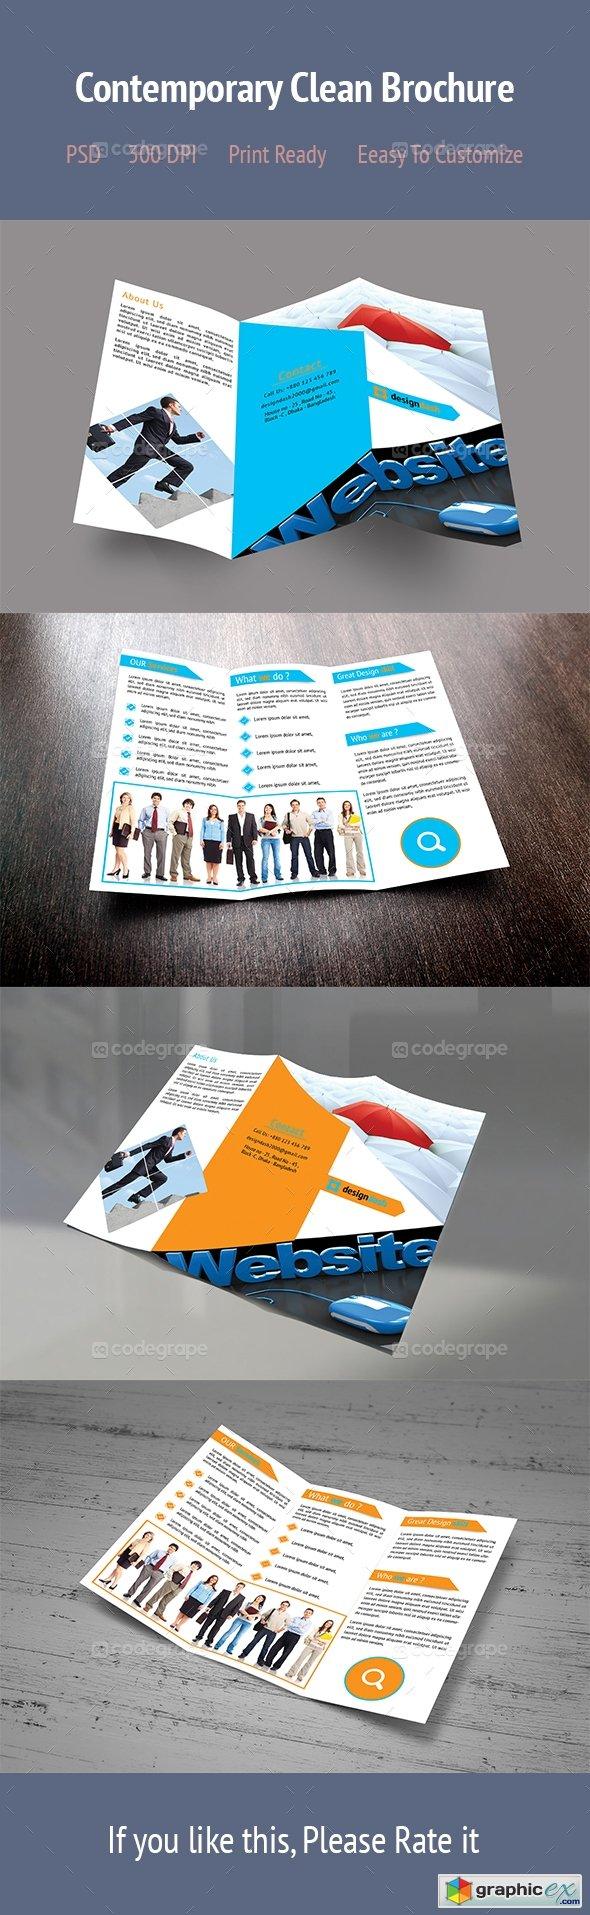 Contemporary Clean Brochure